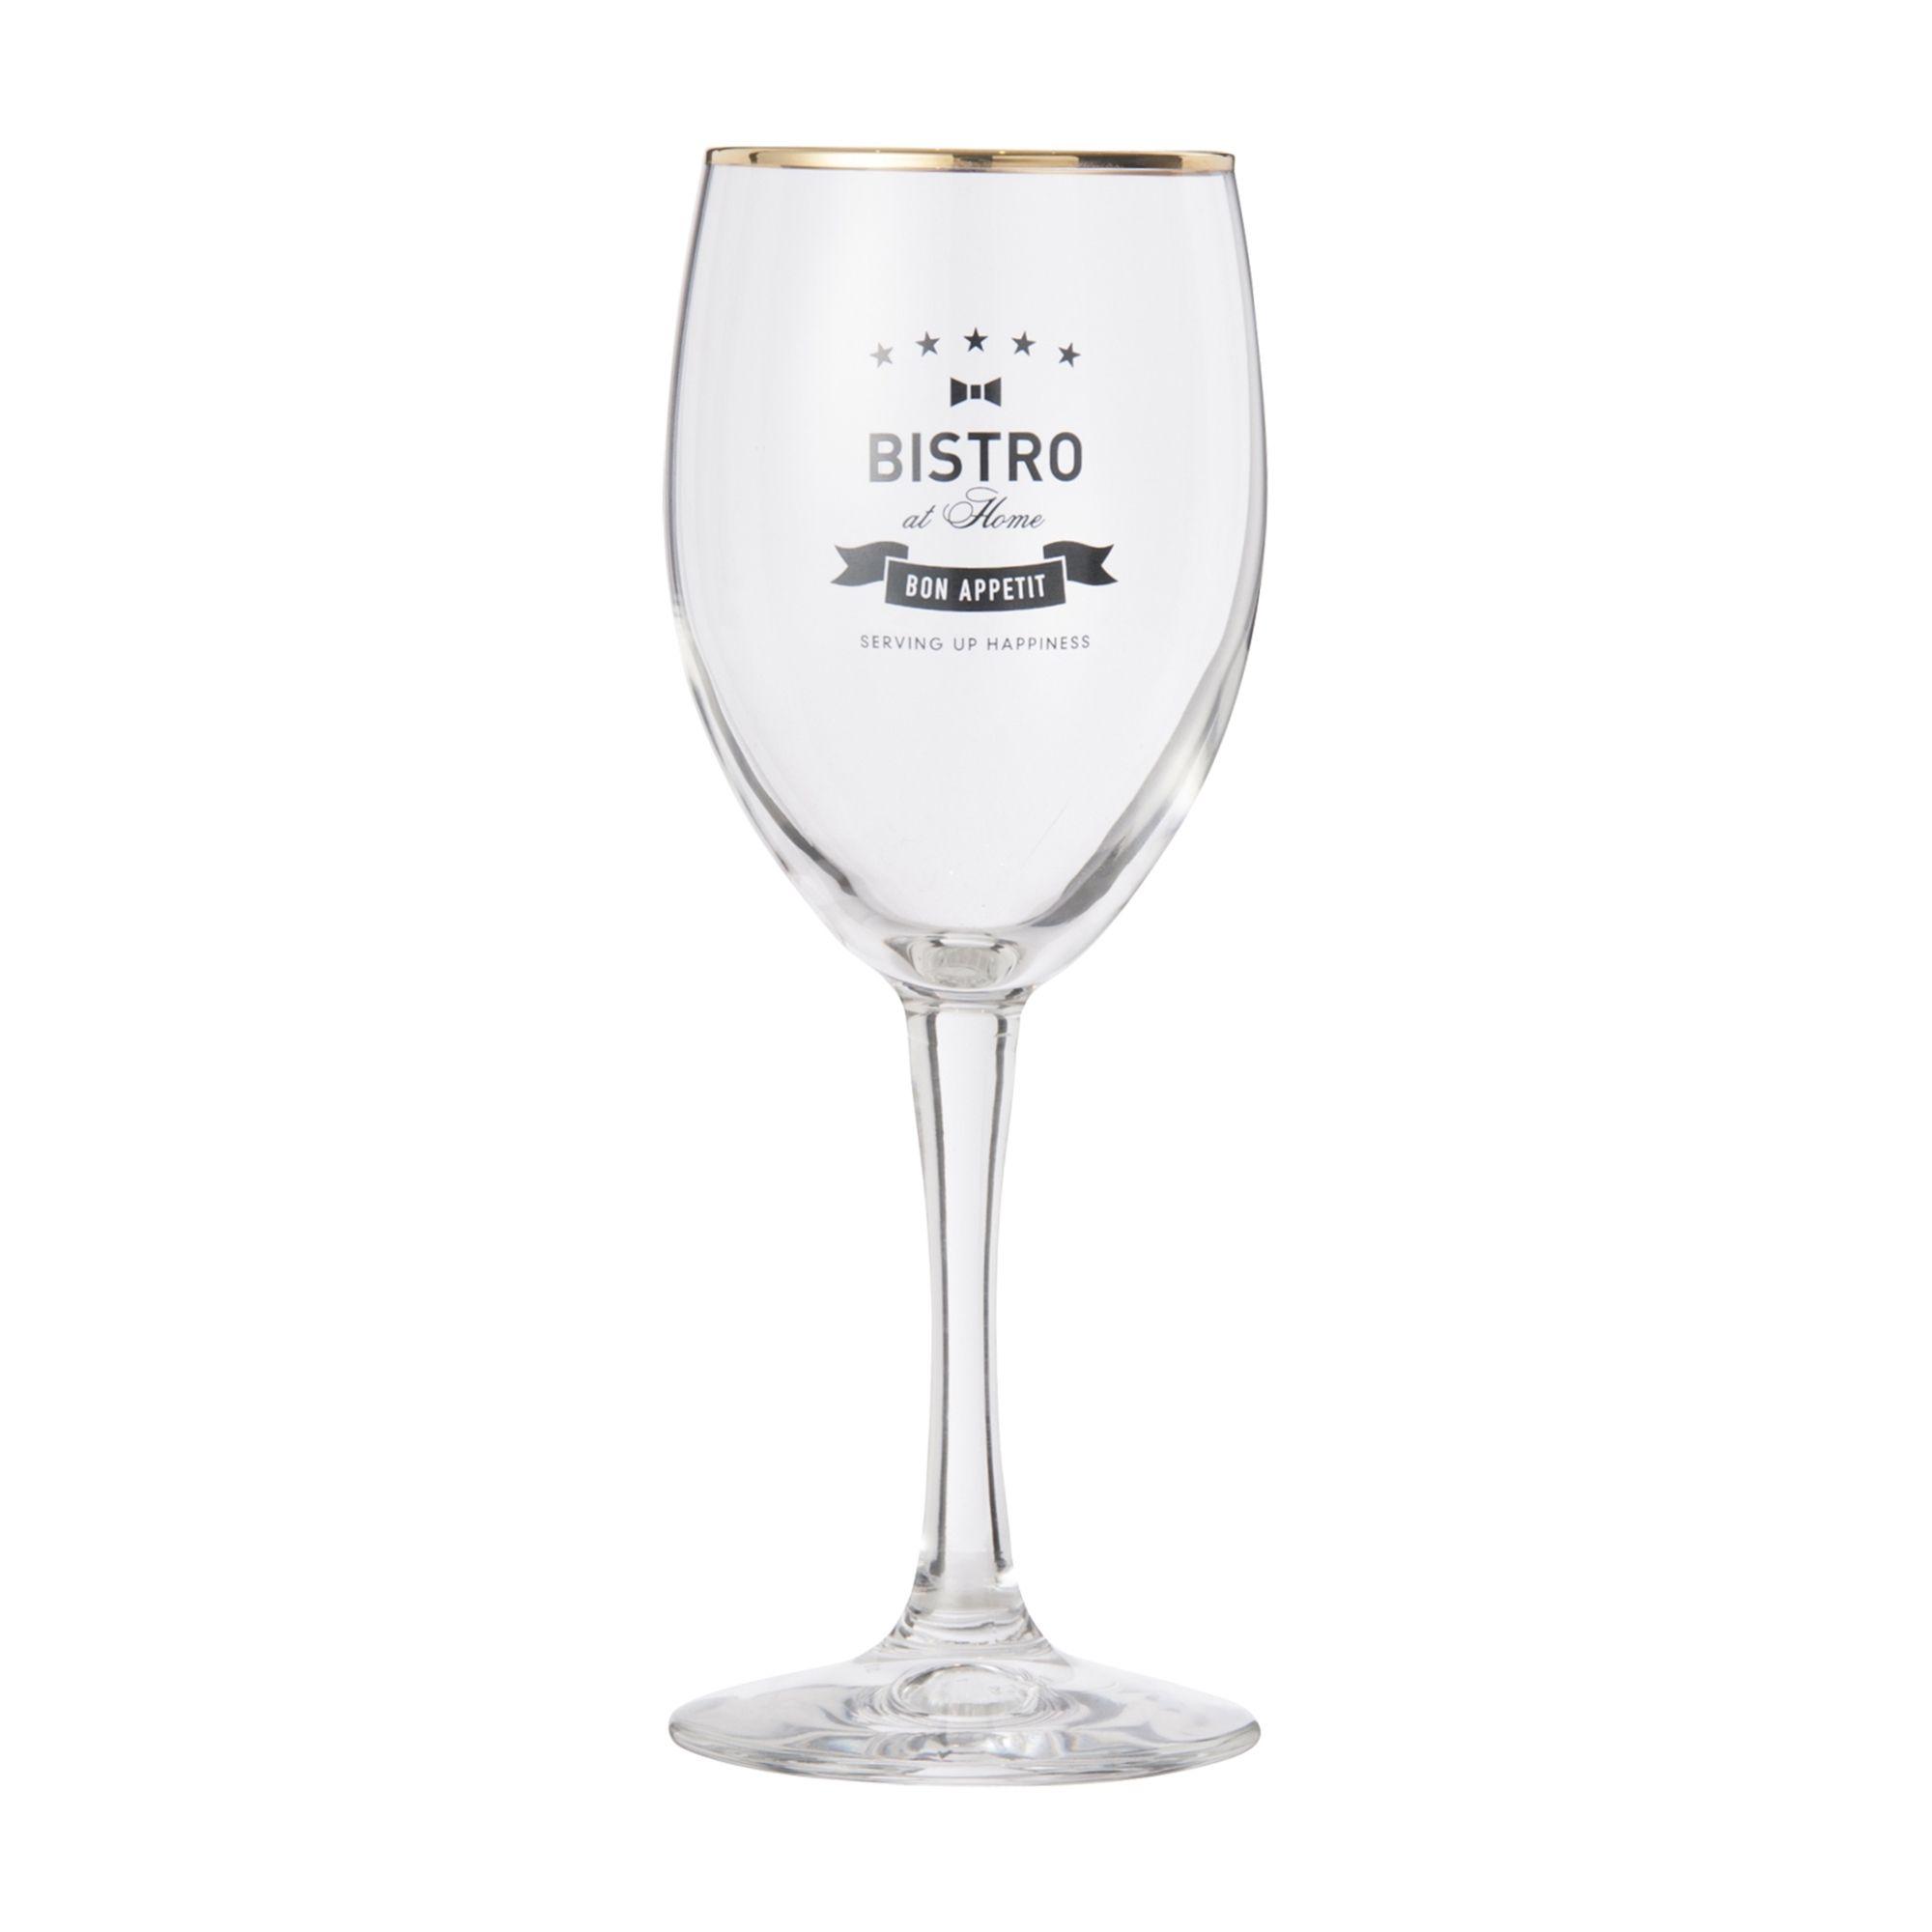 ビストロ ワイン Francfranc(フランフラン)公式サイト|家具、インテリア雑貨、通販